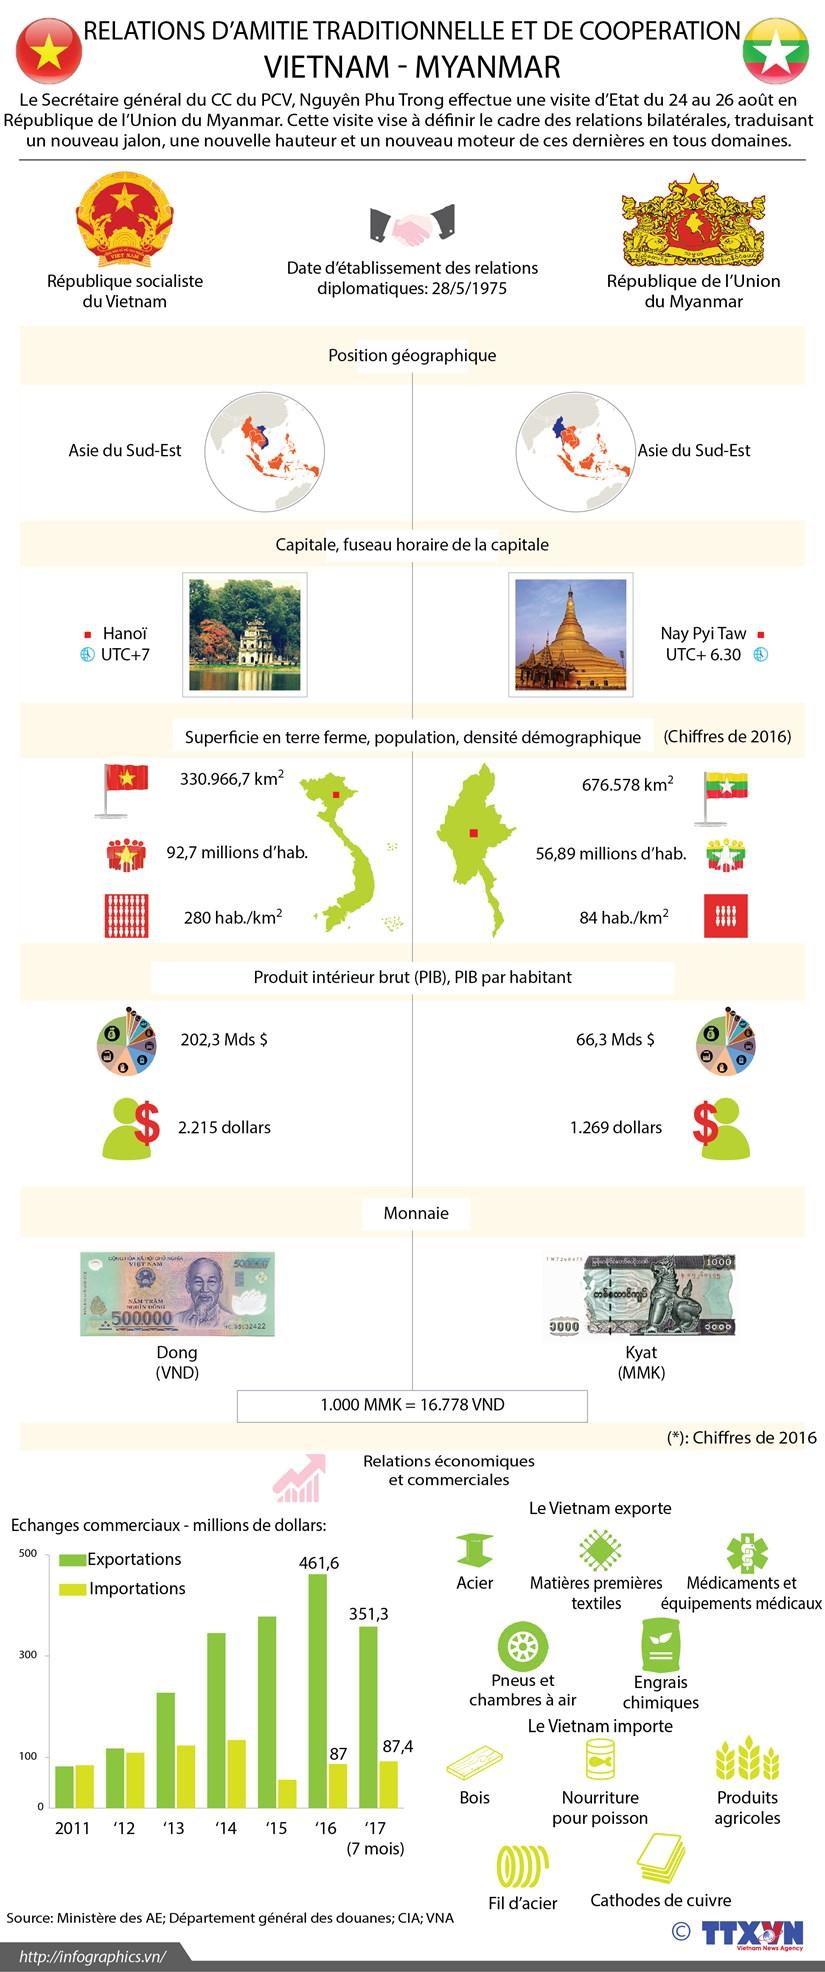 [Infographie] Les relations d'amitie traditionnelle et de cooperation Vietnam - Myanmar hinh anh 1